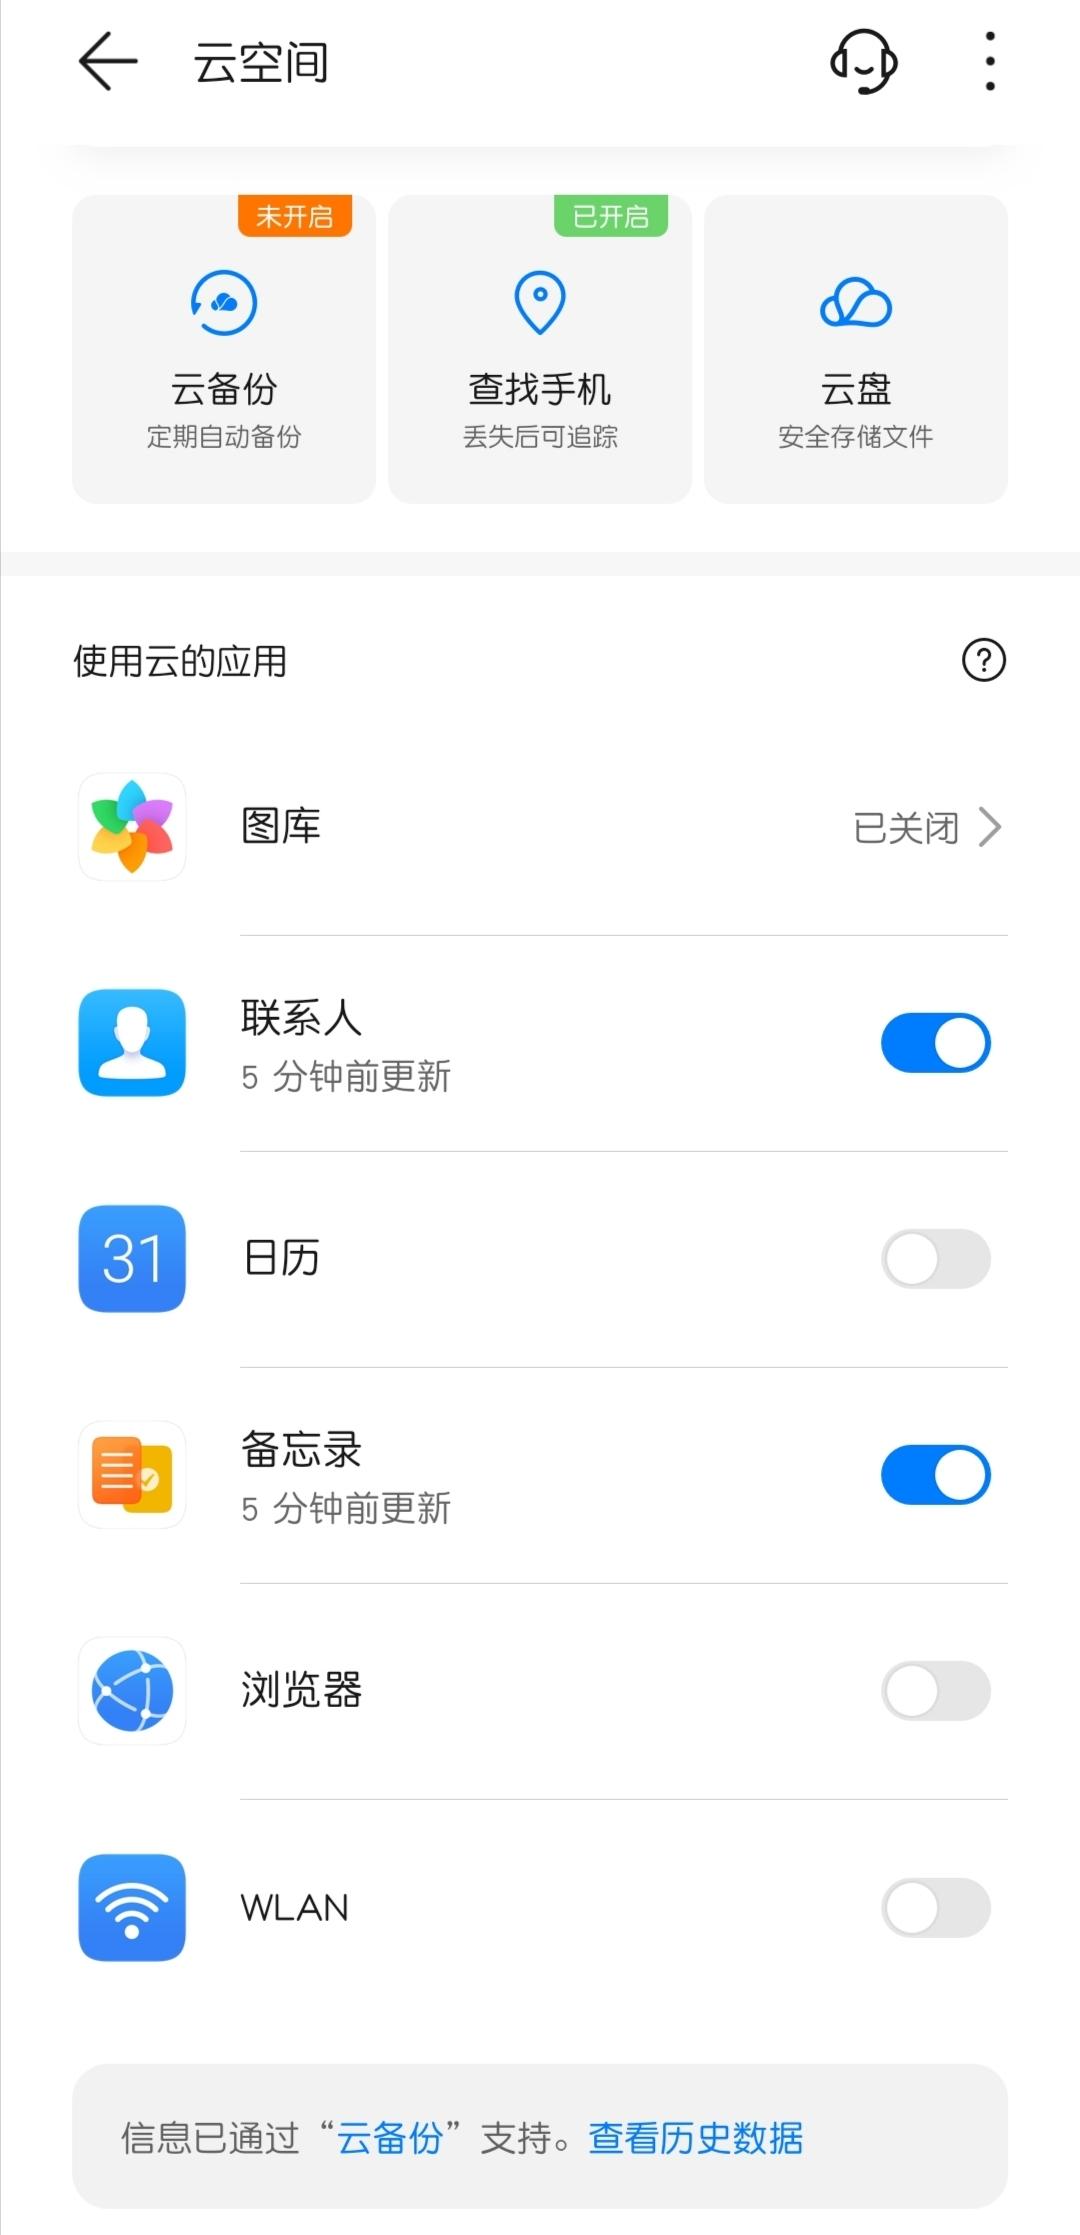 Screenshot_20200507_214126.jpg